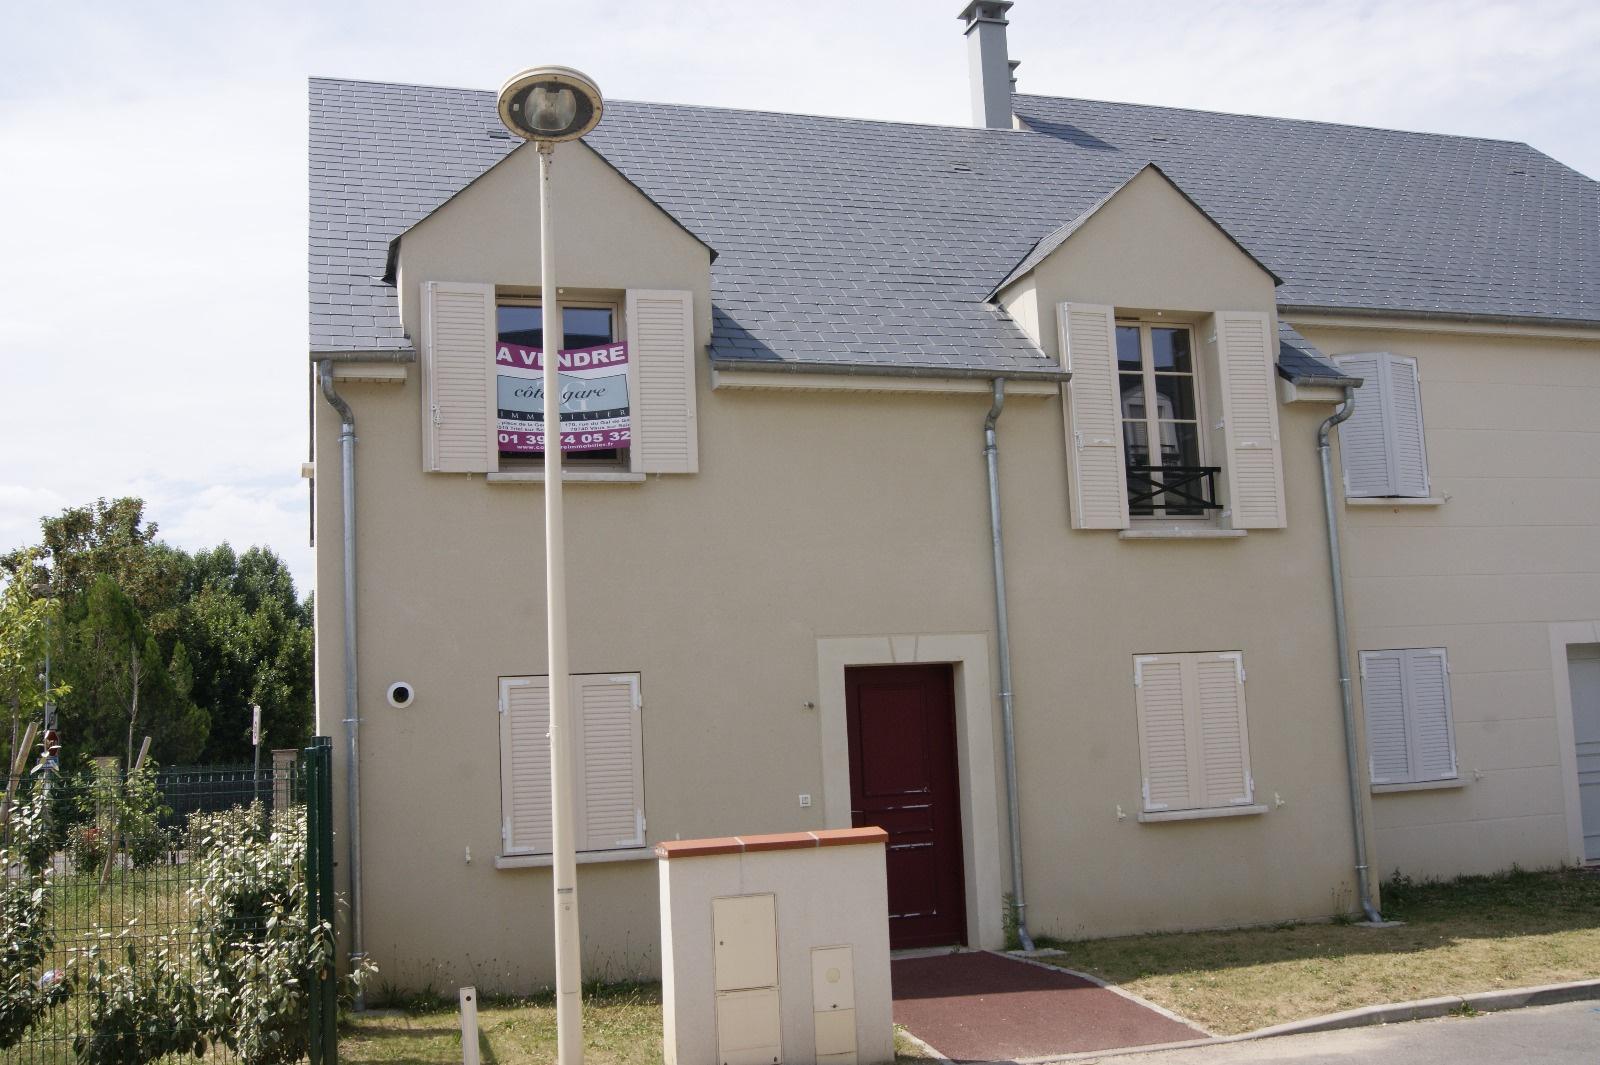 Vente maison neuve for Maison neuve vente